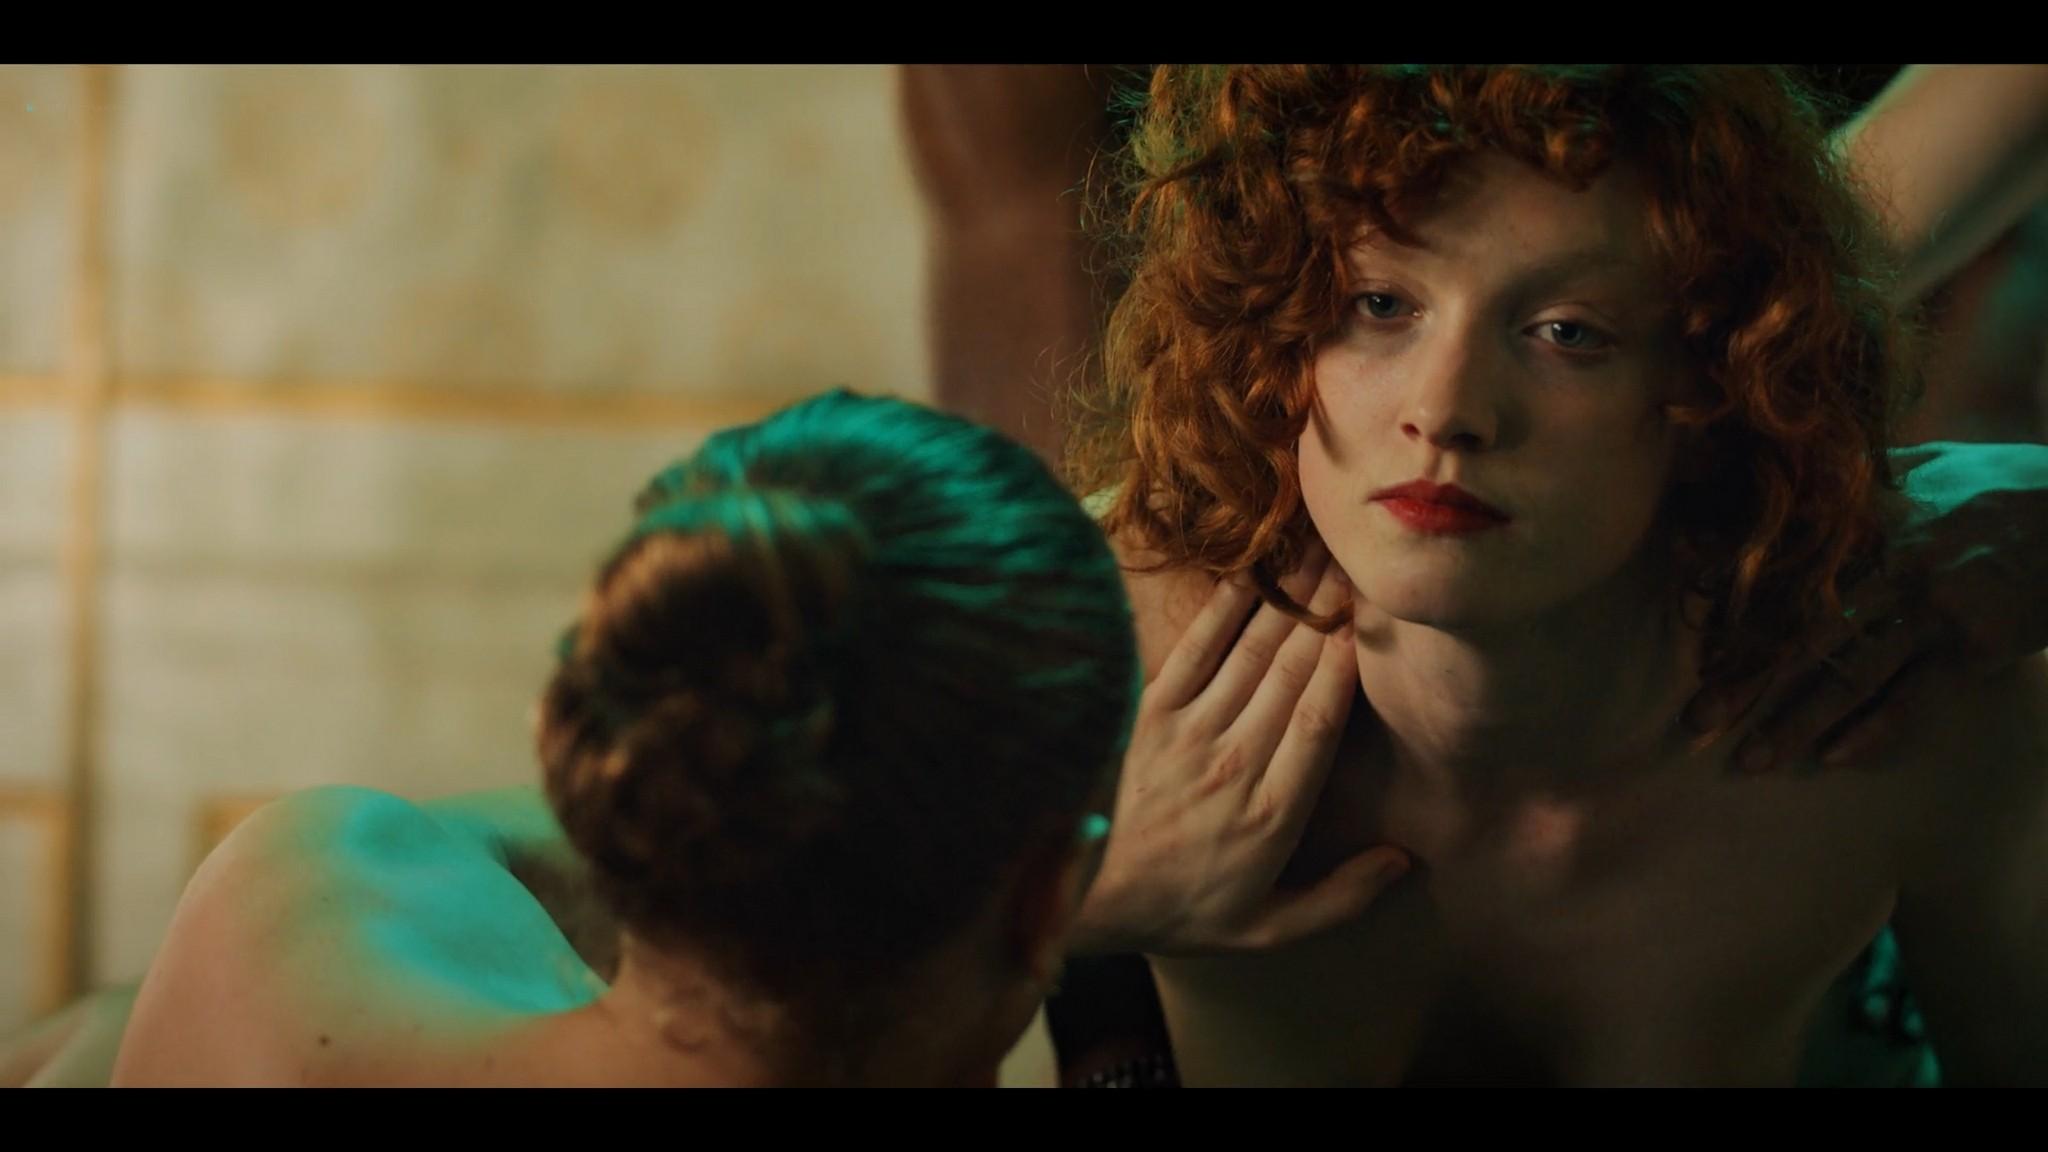 Anne-Laure Vandeputte nude topless Nienke van Hofslot nude sex etc - Women of the Night (2019) s1e7-10 HD 1080p (11)